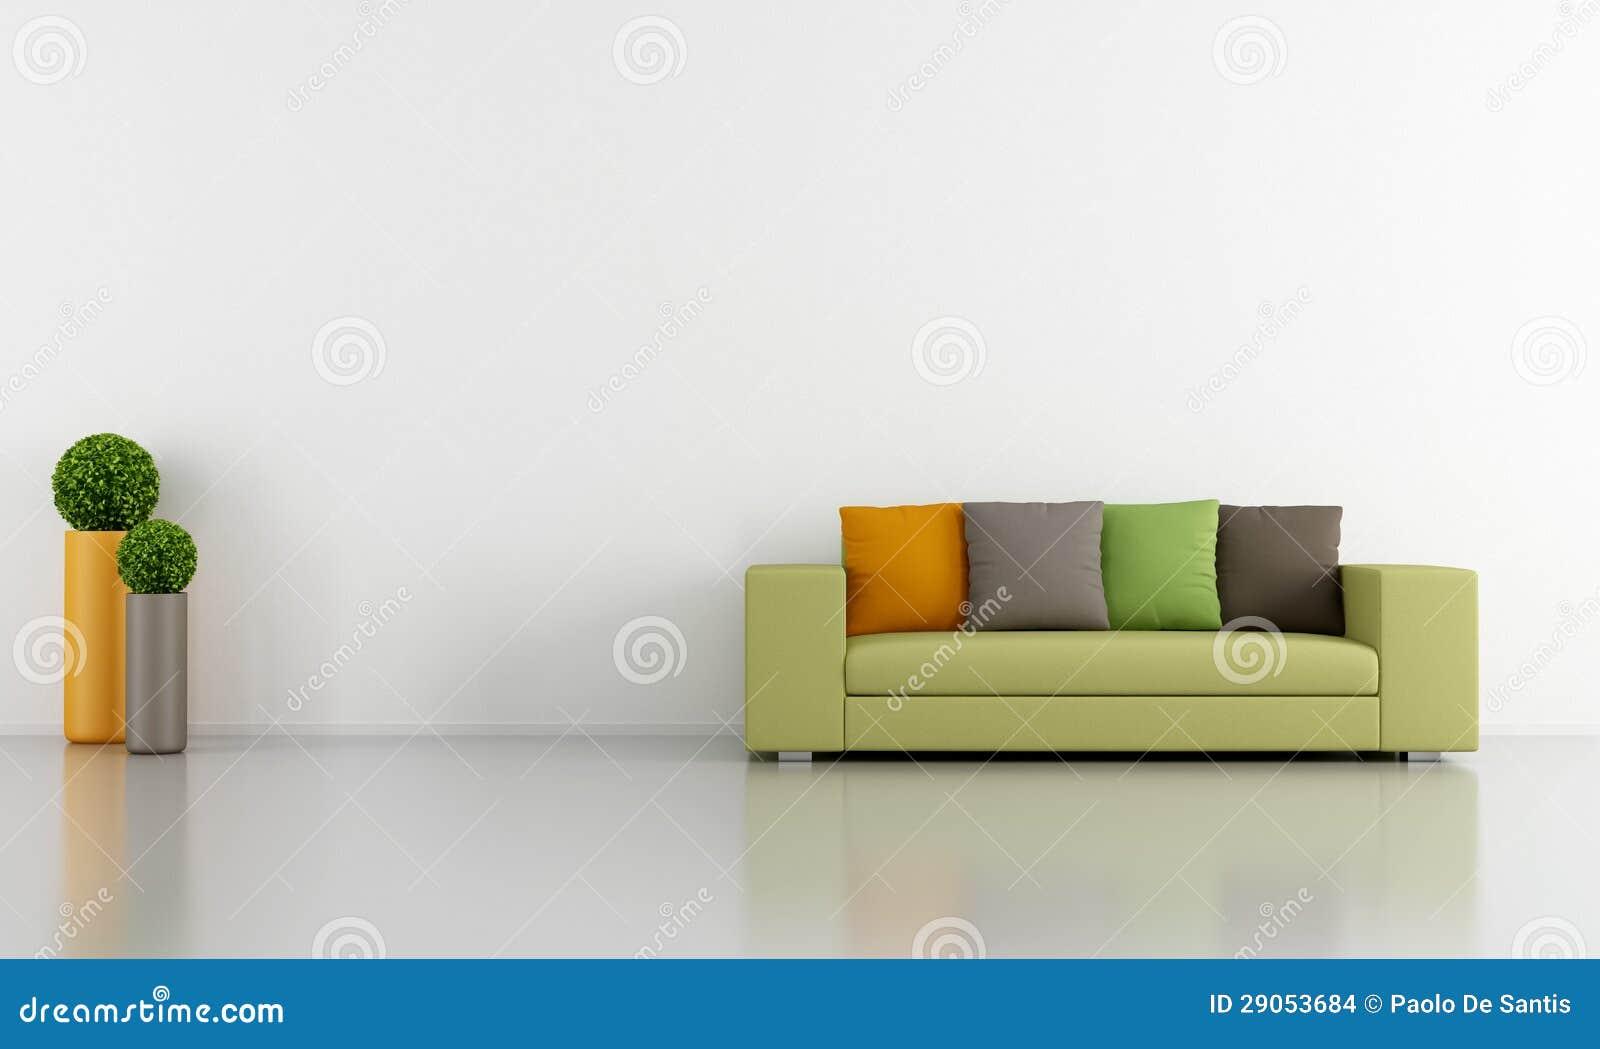 Minimalist Lounge Stock Images Image 29053684